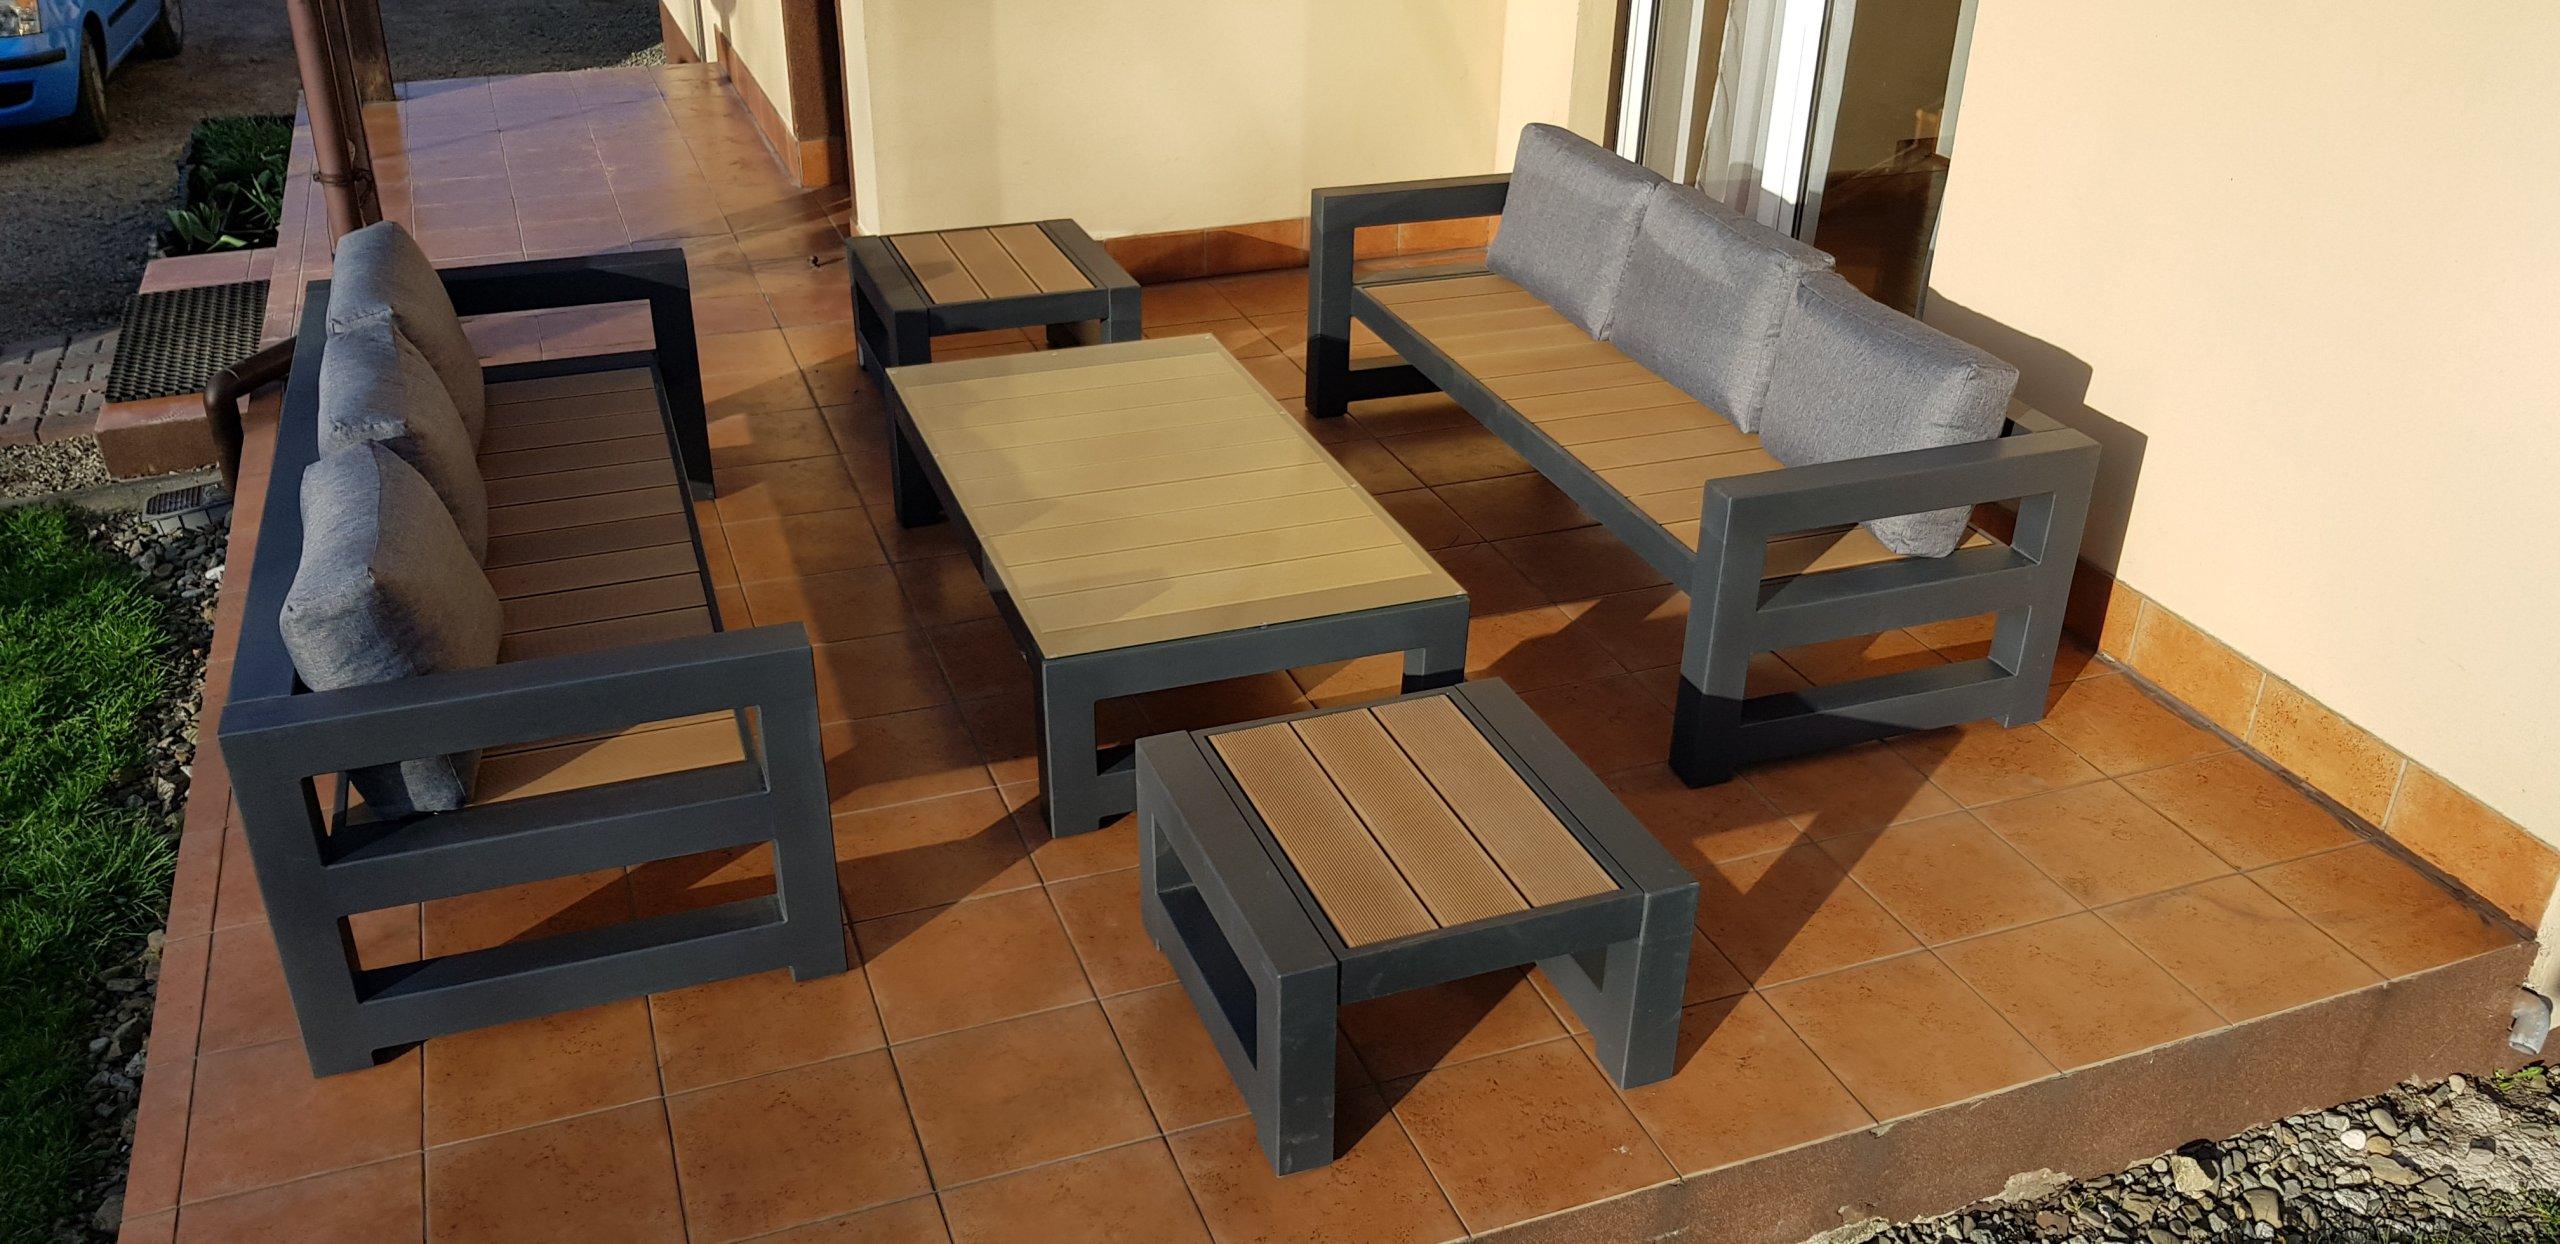 Modernistyczne Nowoczesne meble ogrodowe (tarasowe) UNIKAT! - 7296068647 FK63